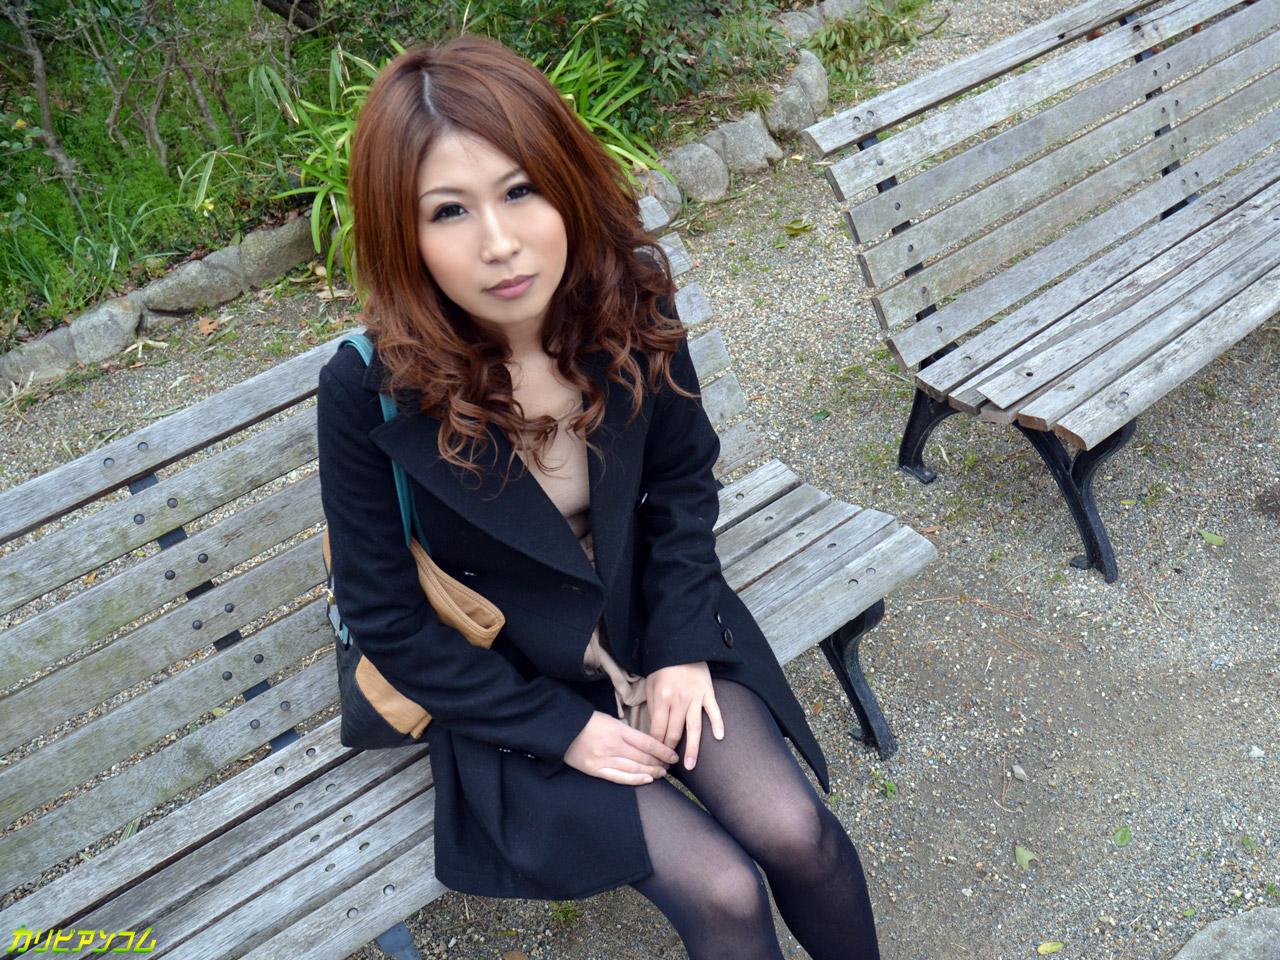 一人暮らしの女の子のお部屋拝見 〜リアルOL自宅でガチSEX〜 鈴木さち